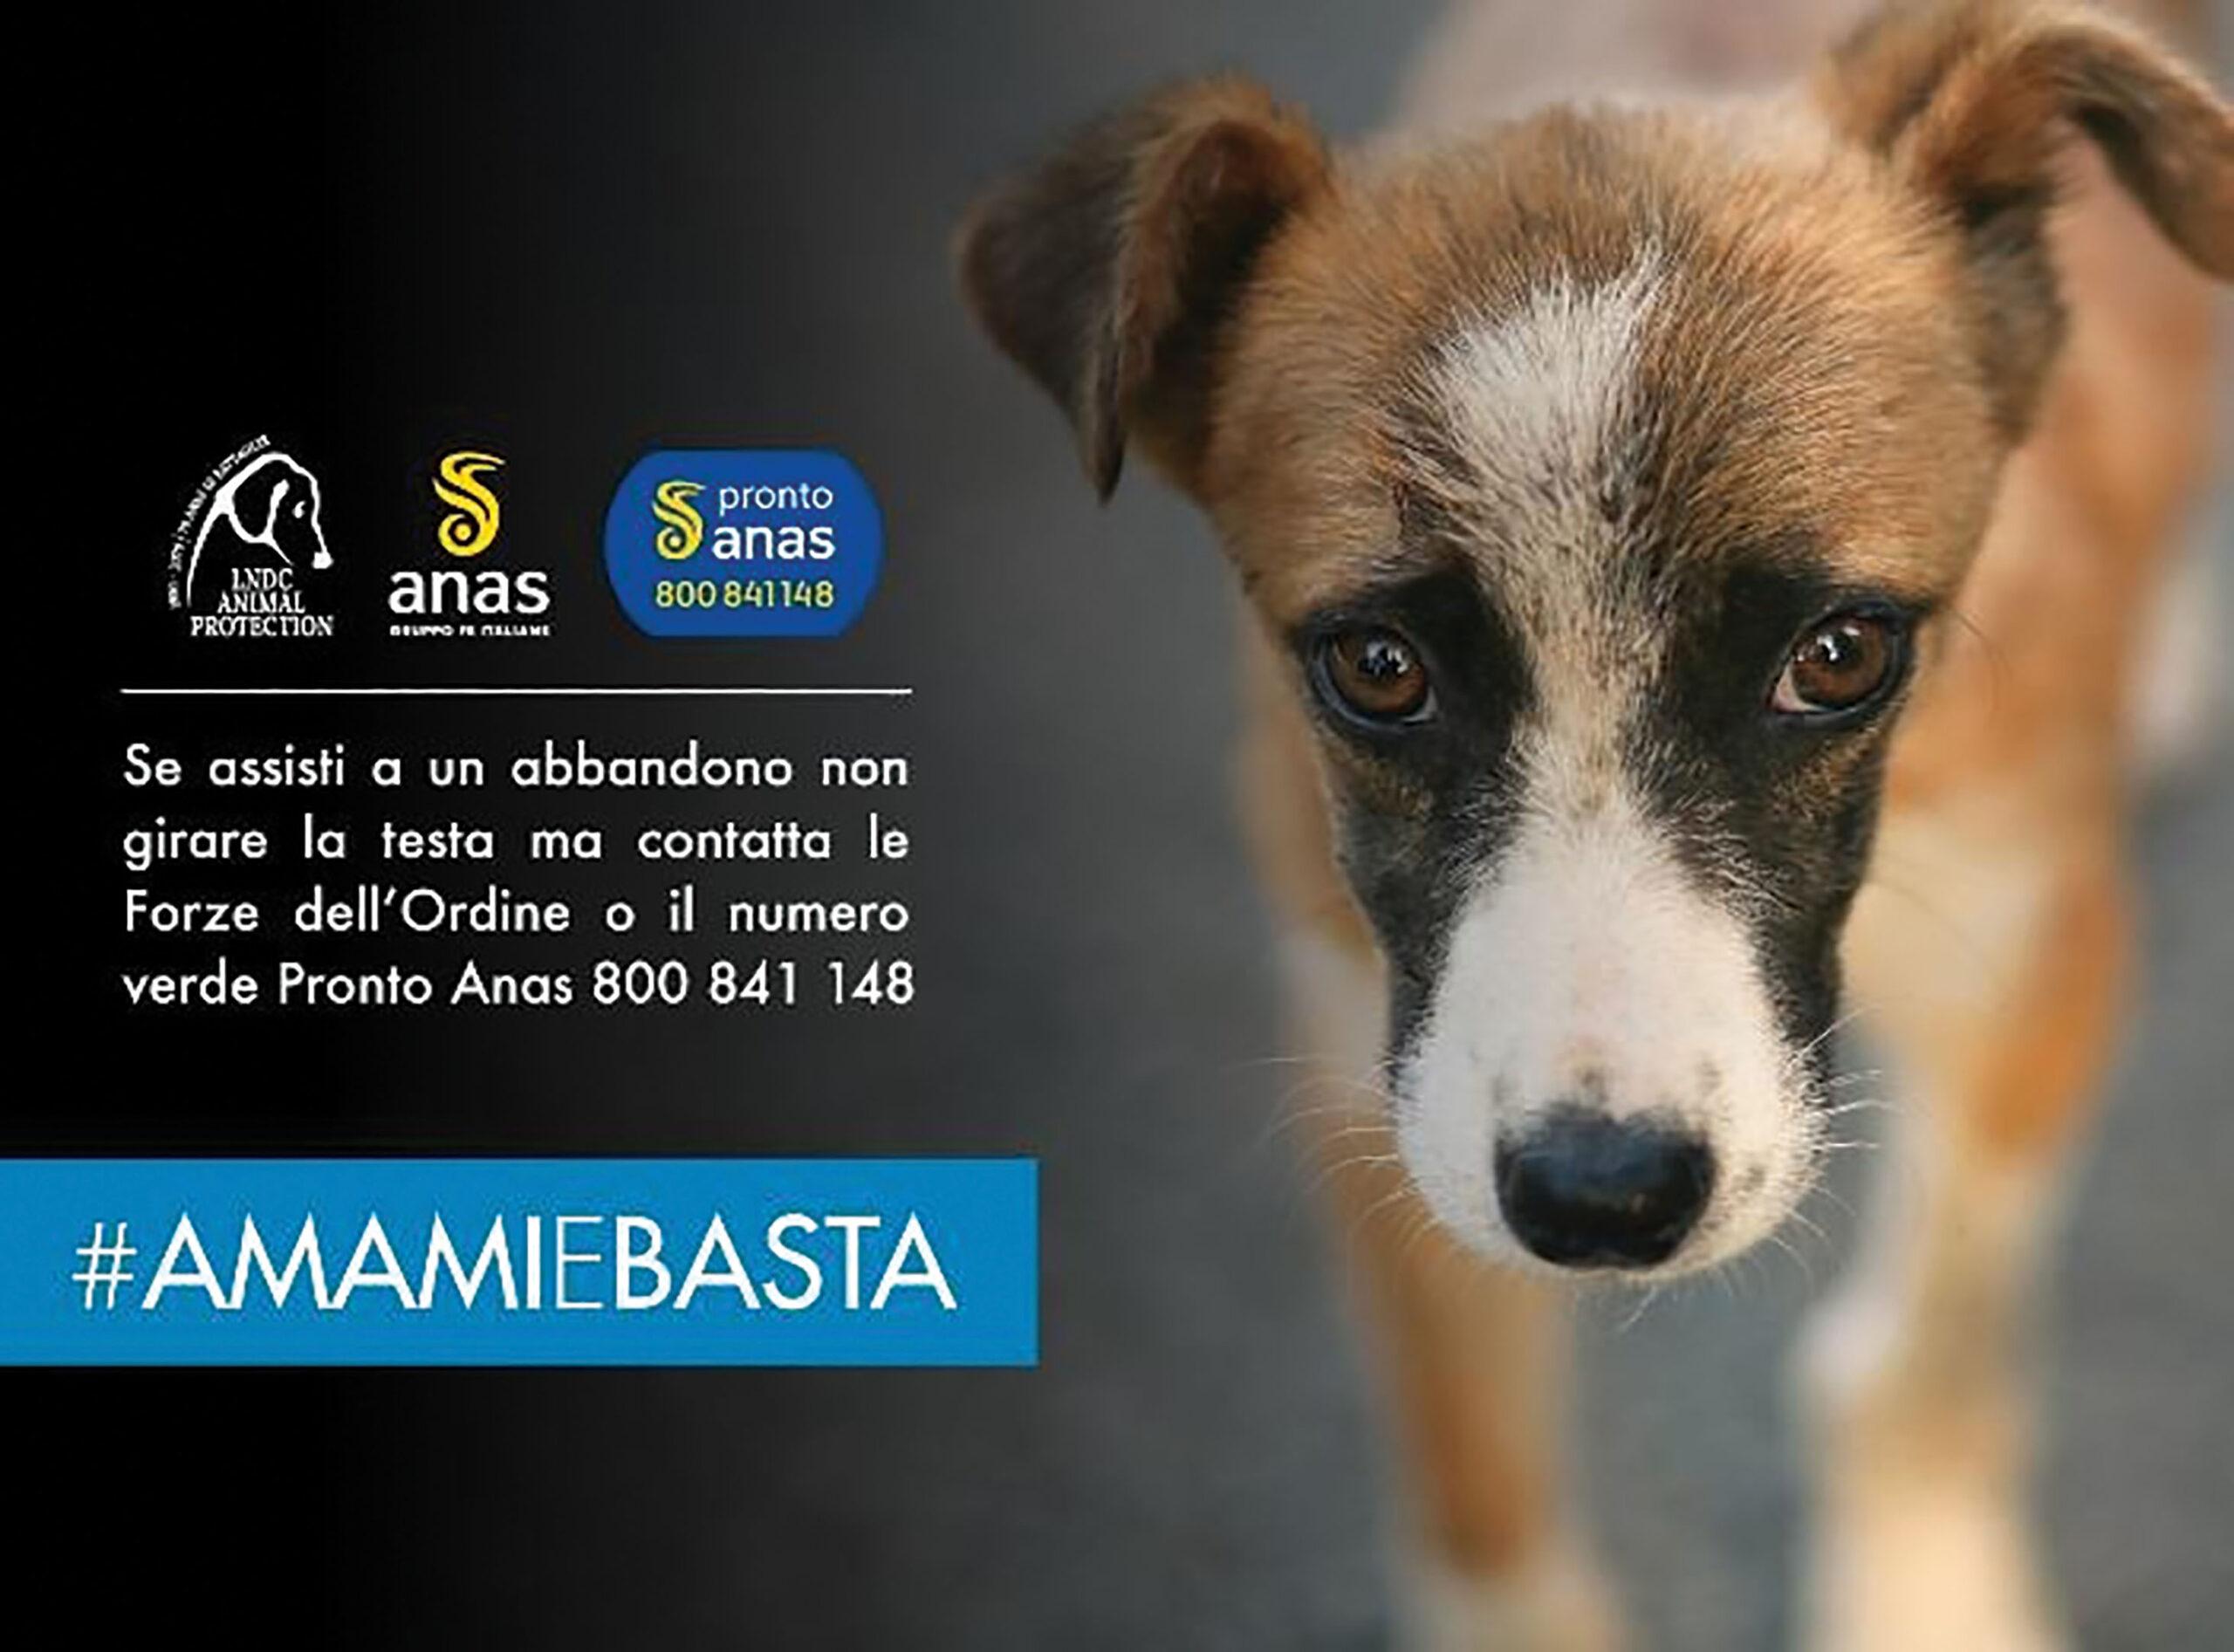 Cani e gatti, incidenti provocati dall'abbandono: parte la campagna estiva LNDC e ANAS